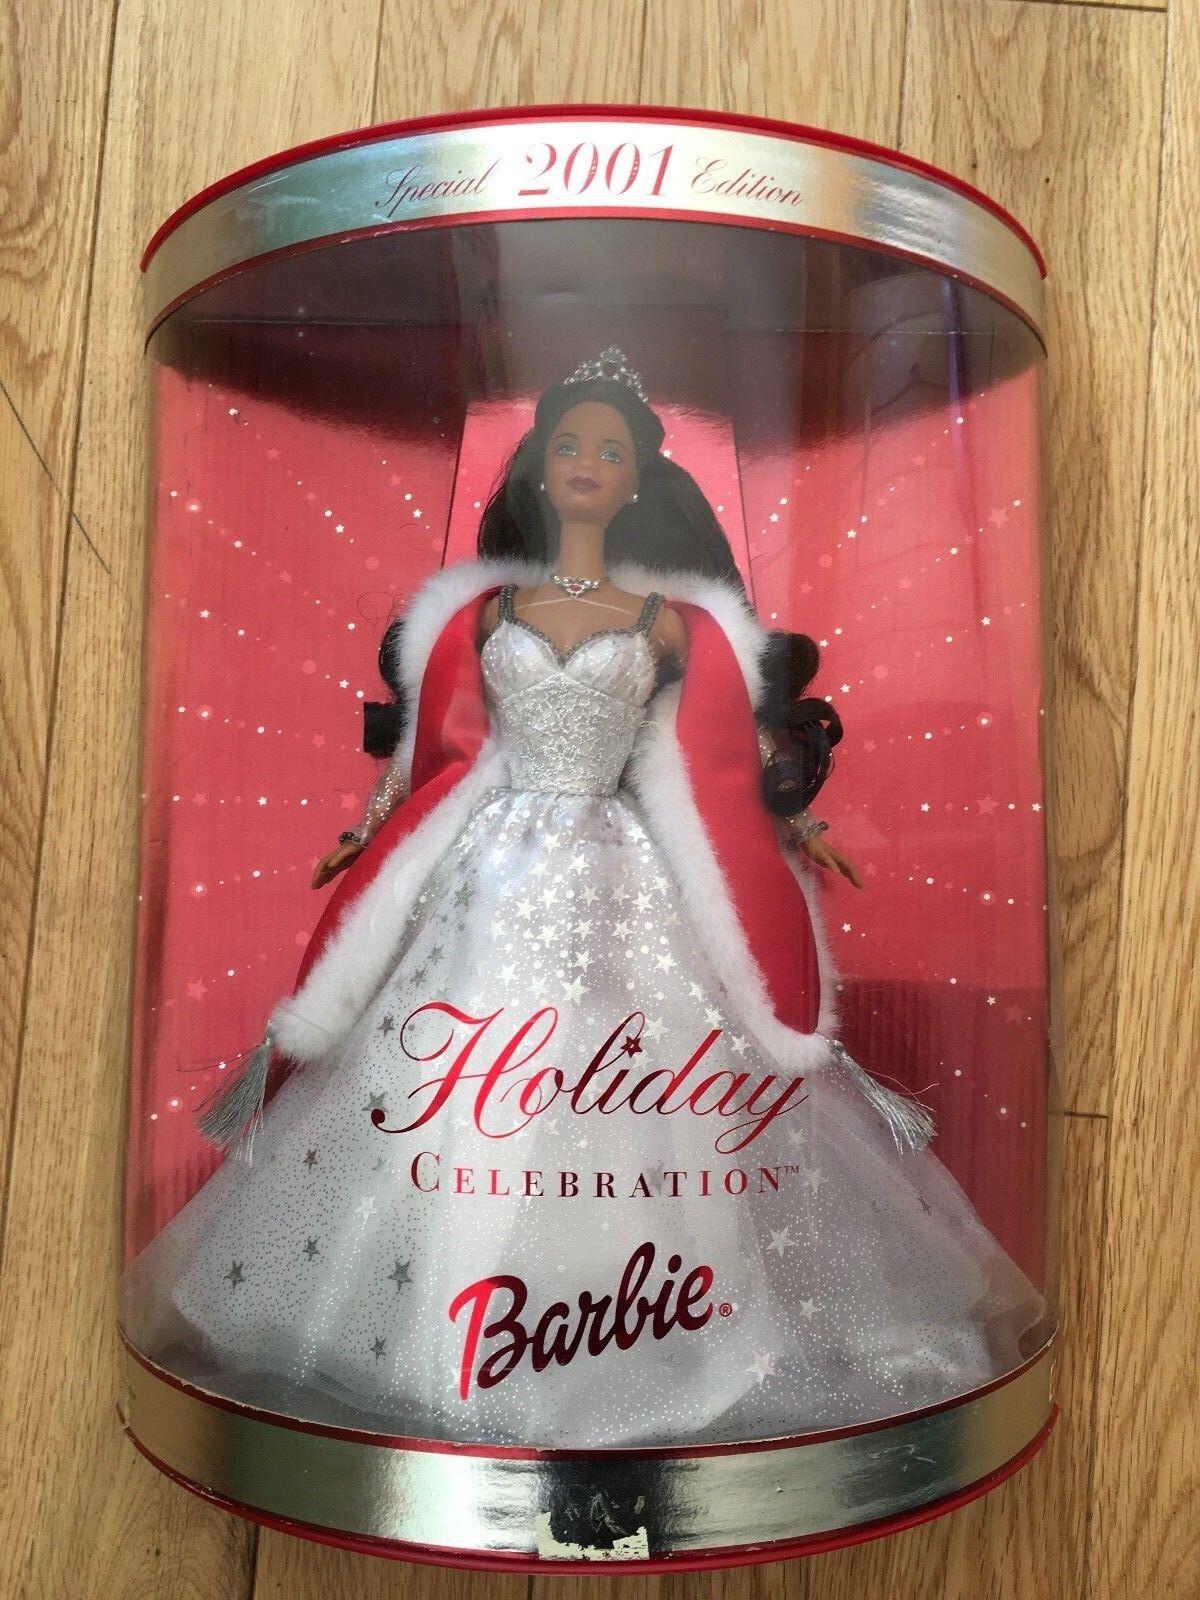 Barbie HOLIDAY CELEBRATION Speciale Edizione 2001 HALLMARK MATTEL in buonissima condizione non aperto